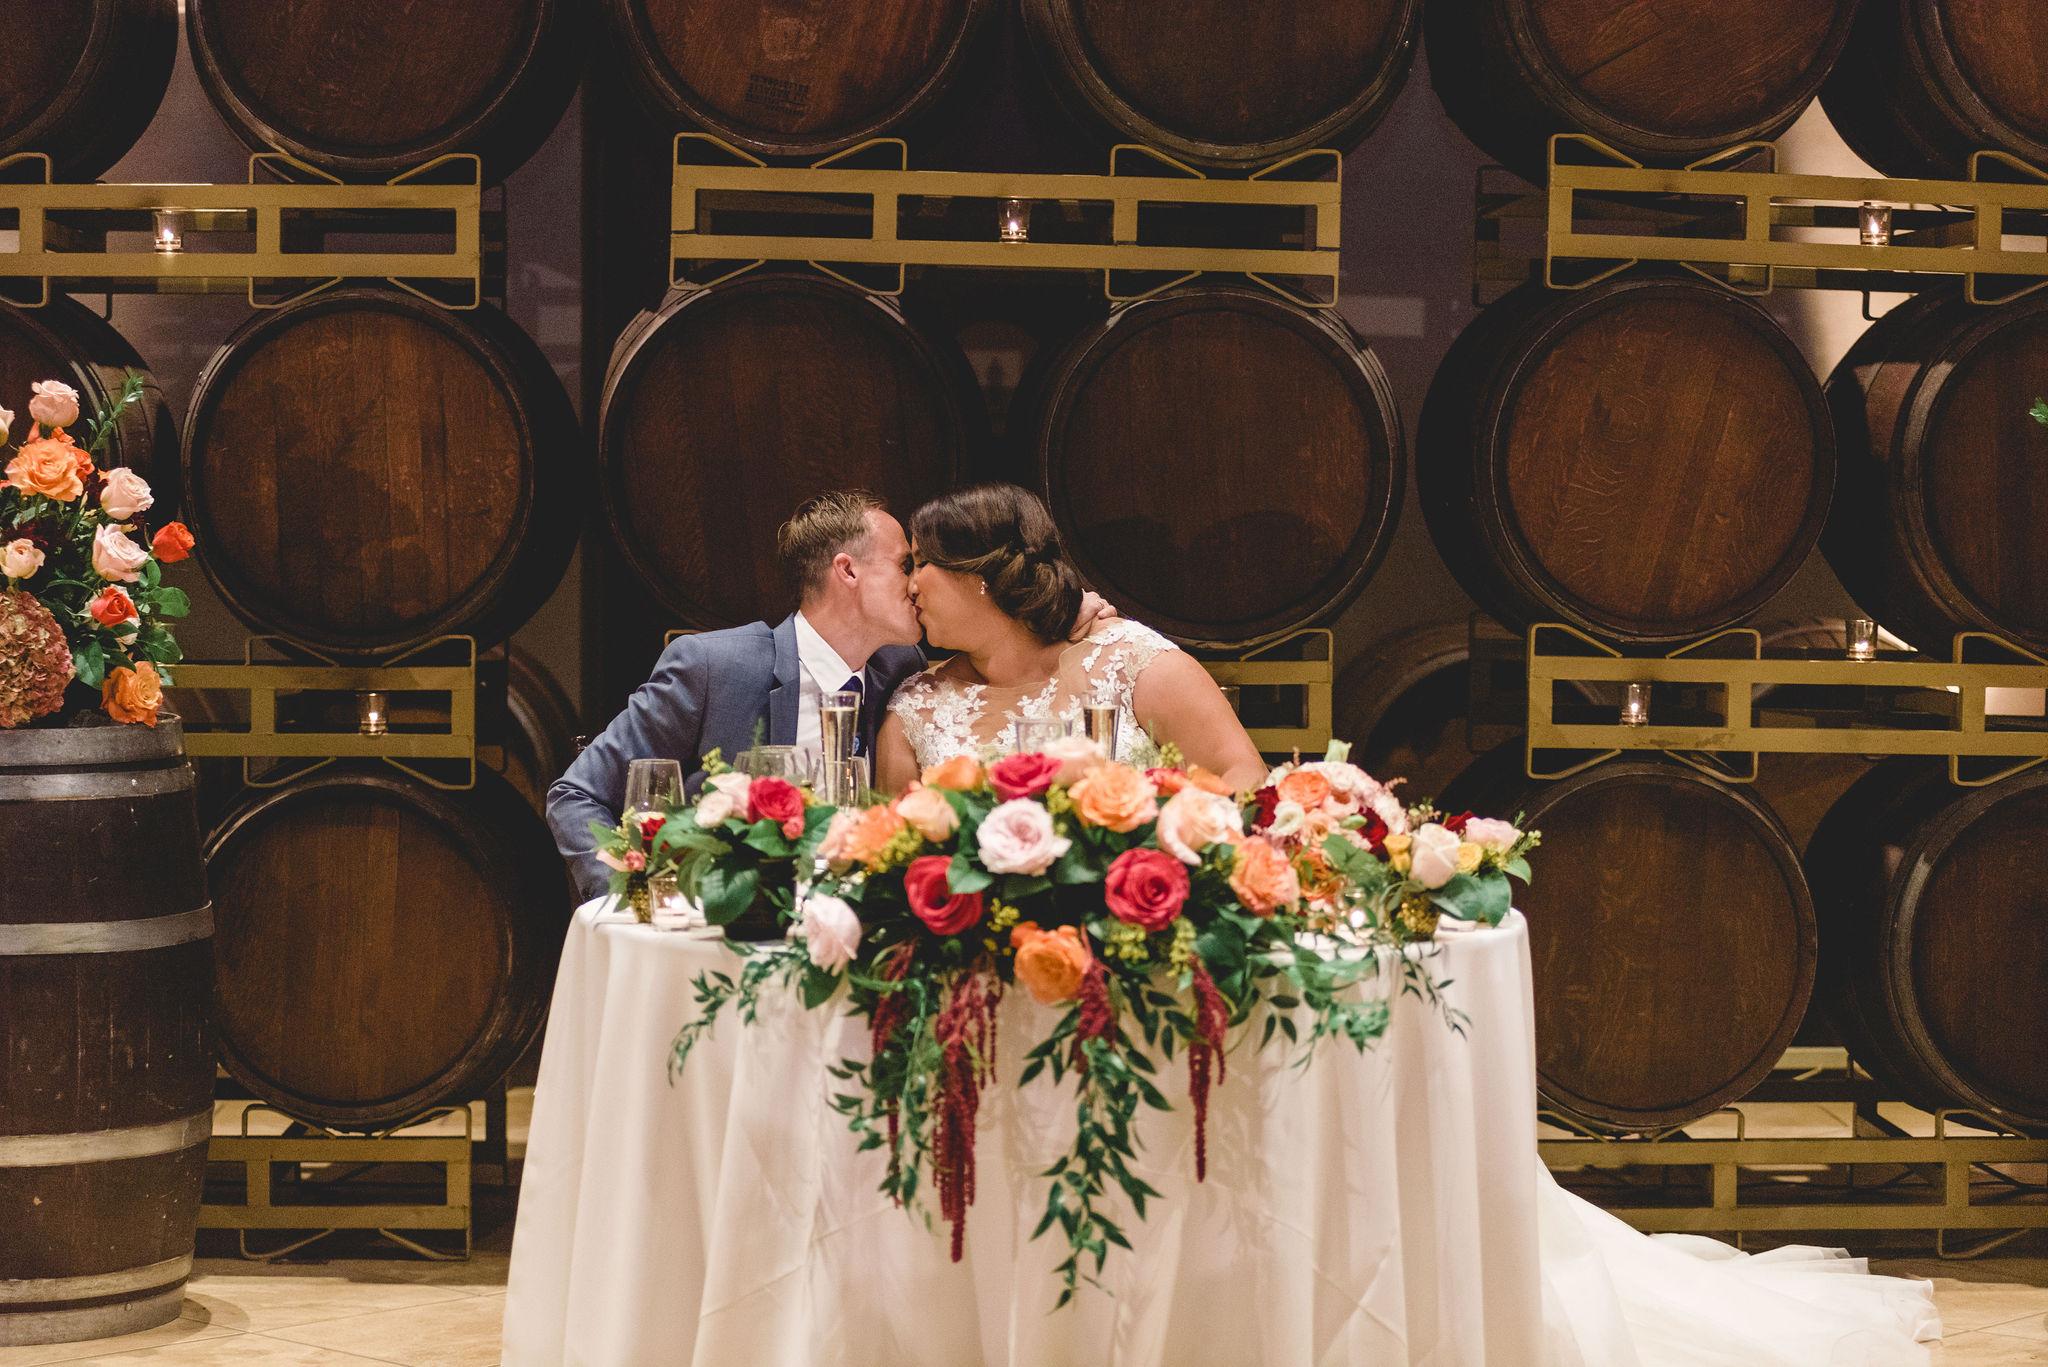 rokes_wedding-reception-137.jpg